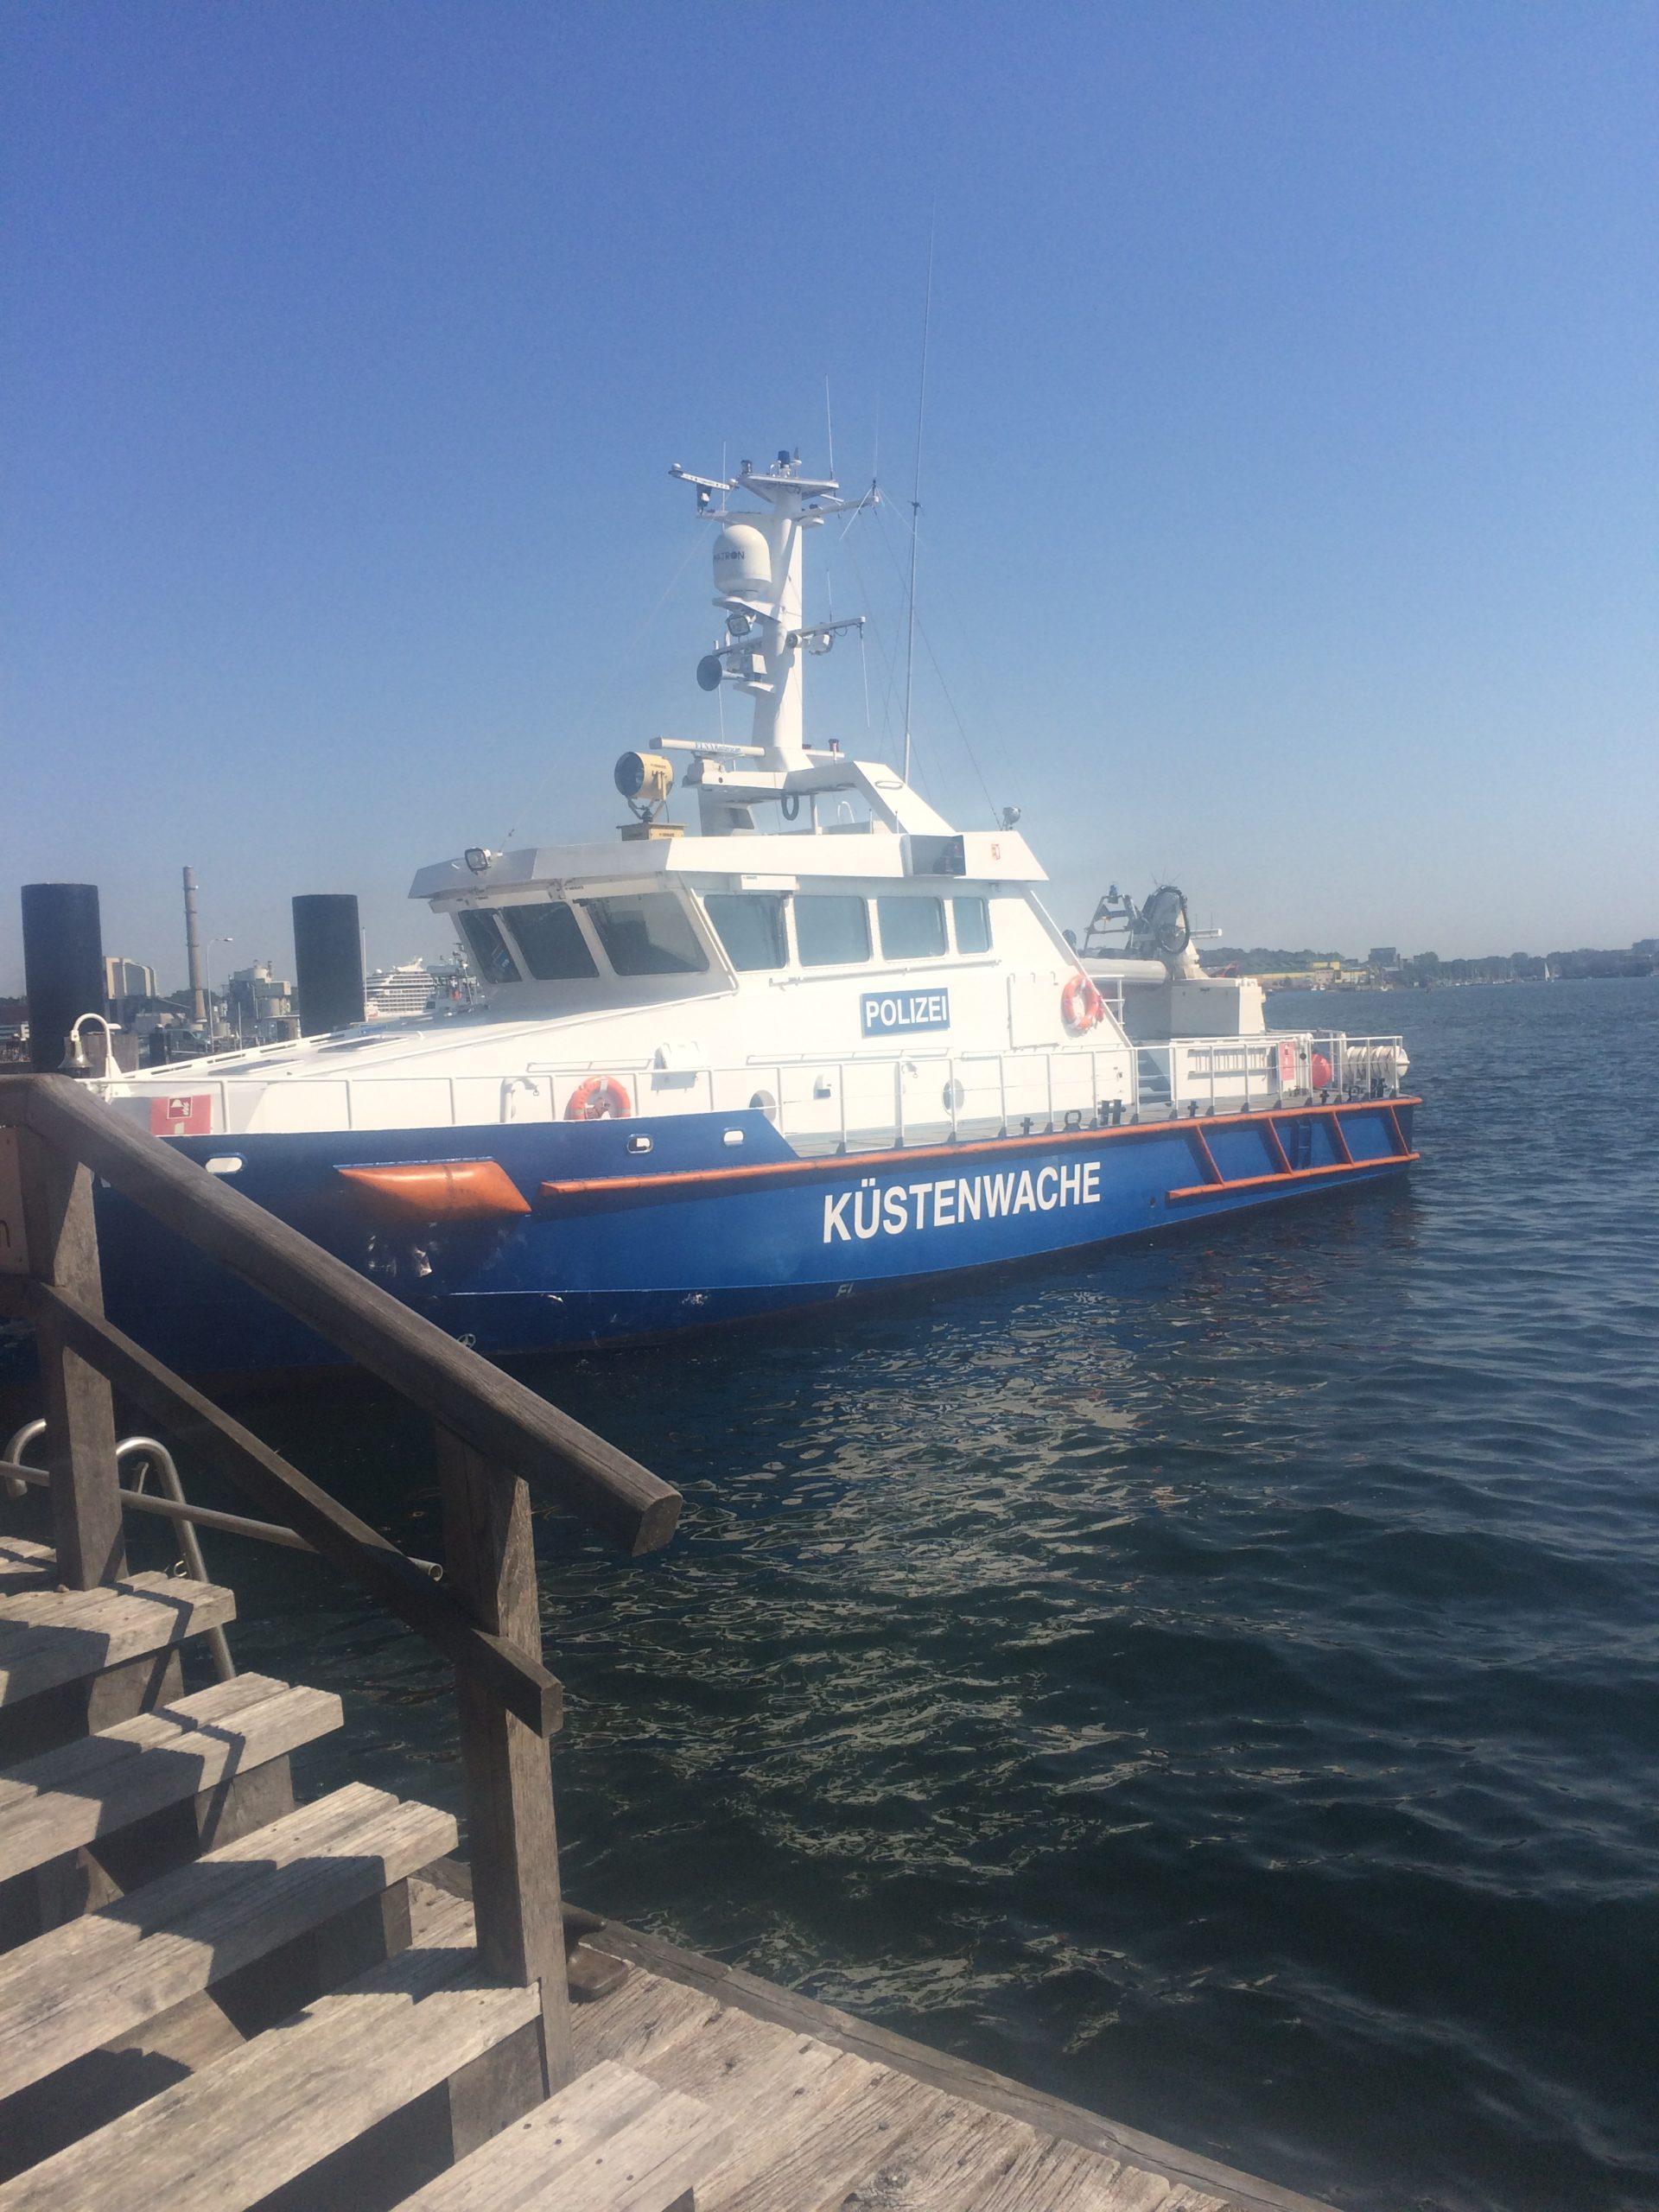 Schiff der Küstenwache in Kiel